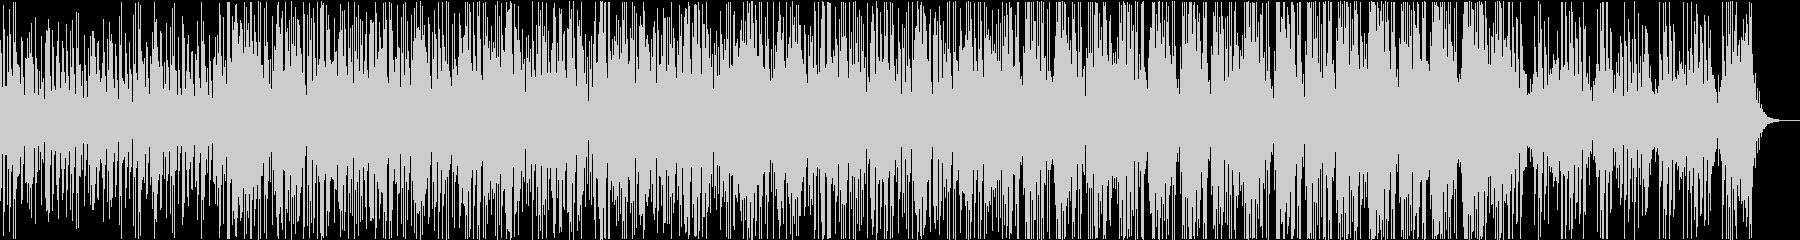 グリッチ系シンセテクノの未再生の波形